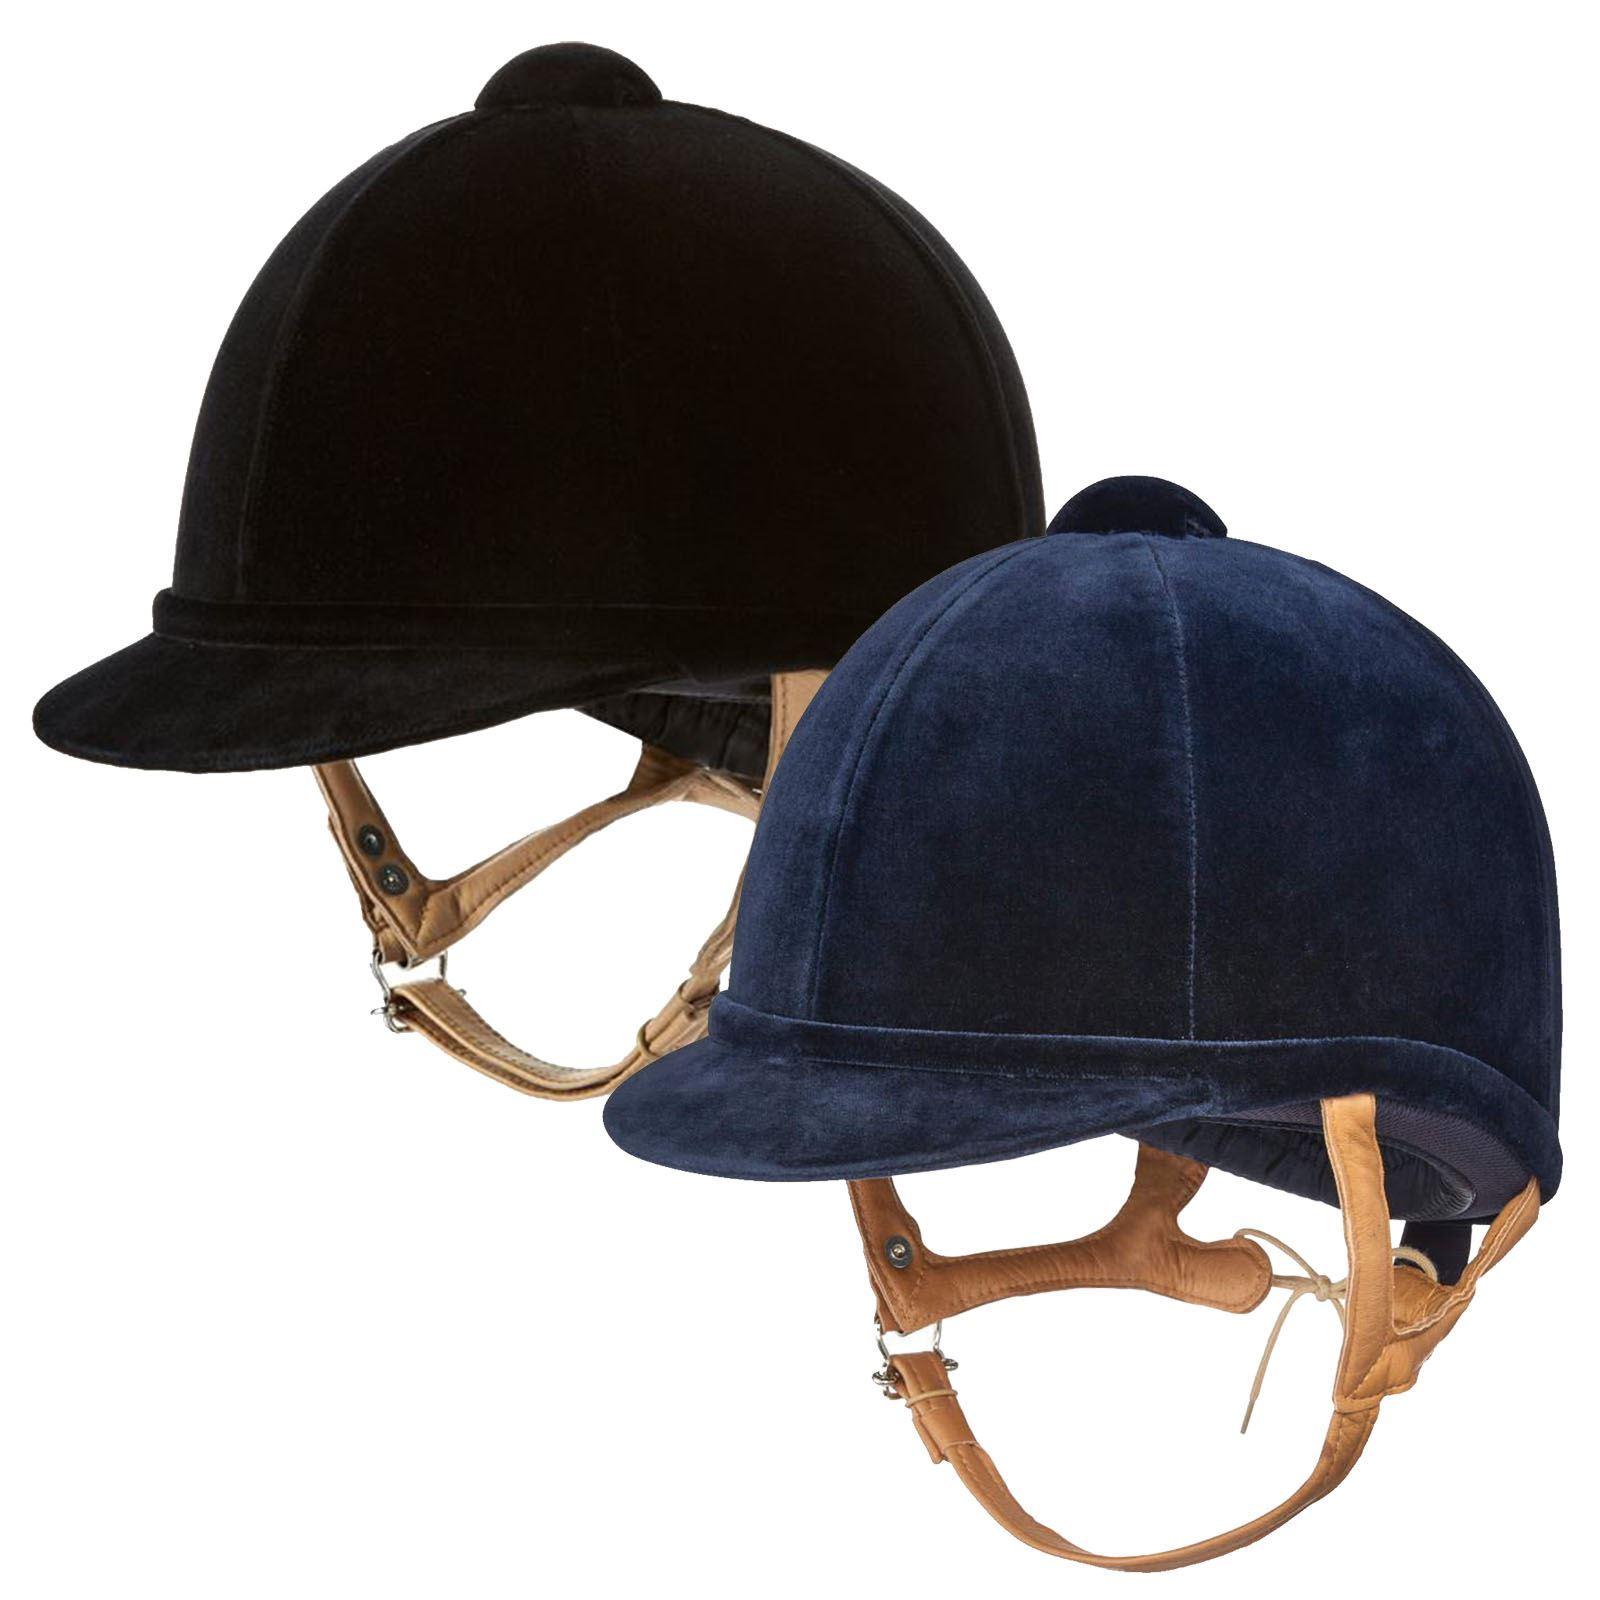 Charles owen fian hat new équestres équitation concours de sécurité chapeau casque